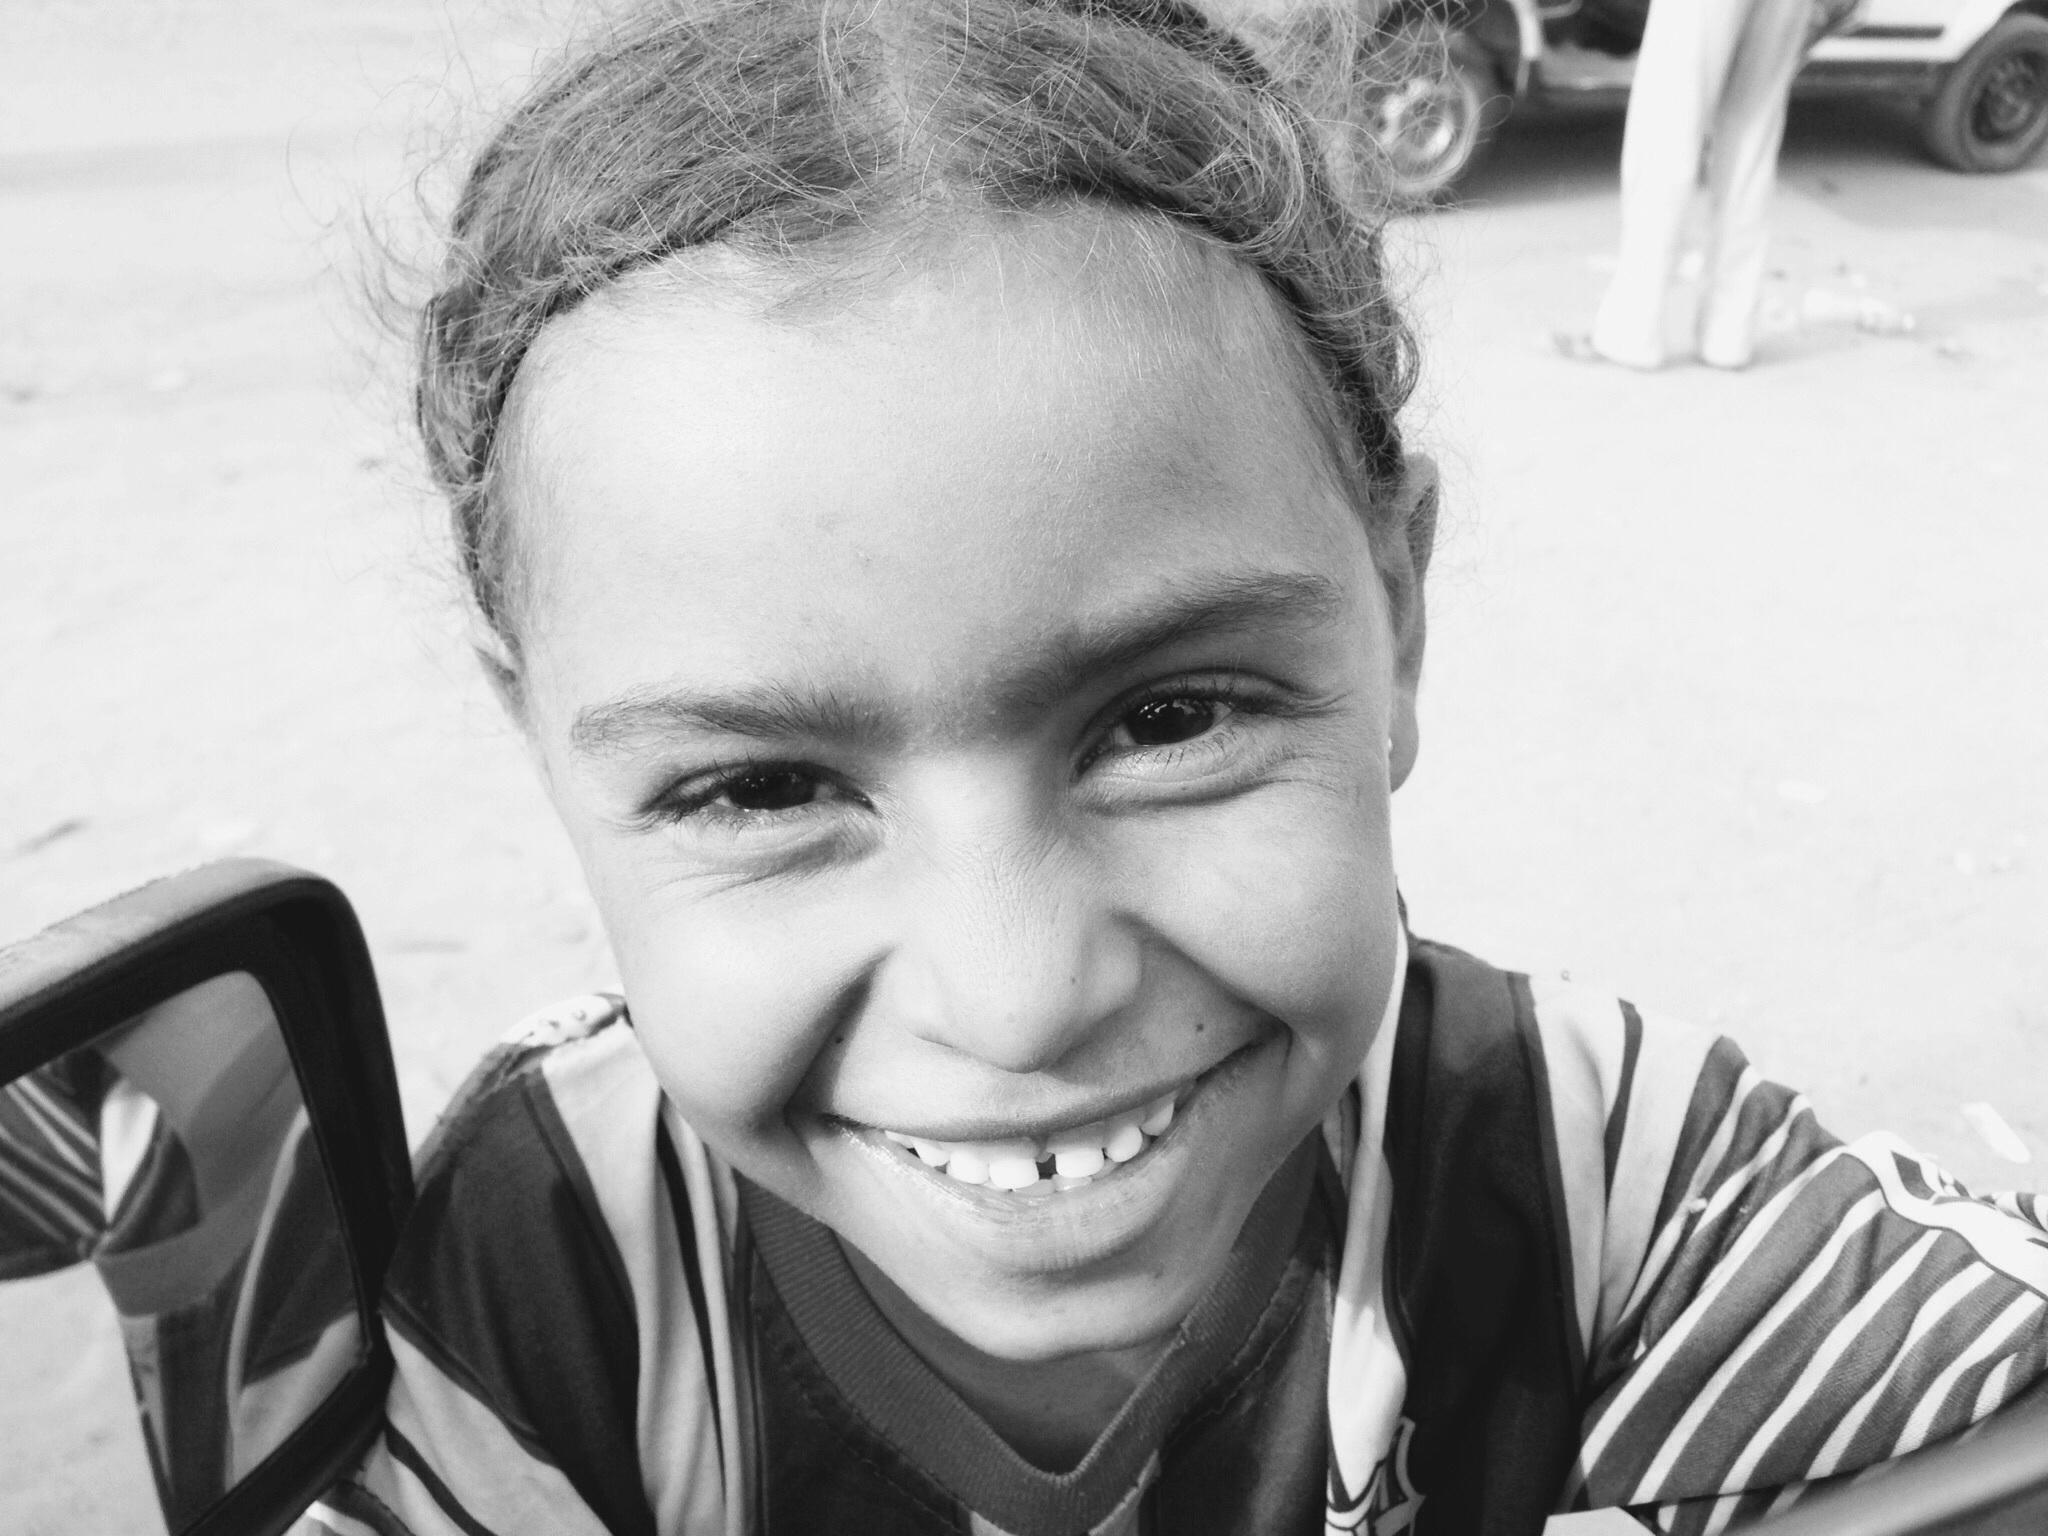 Chadian Street Children